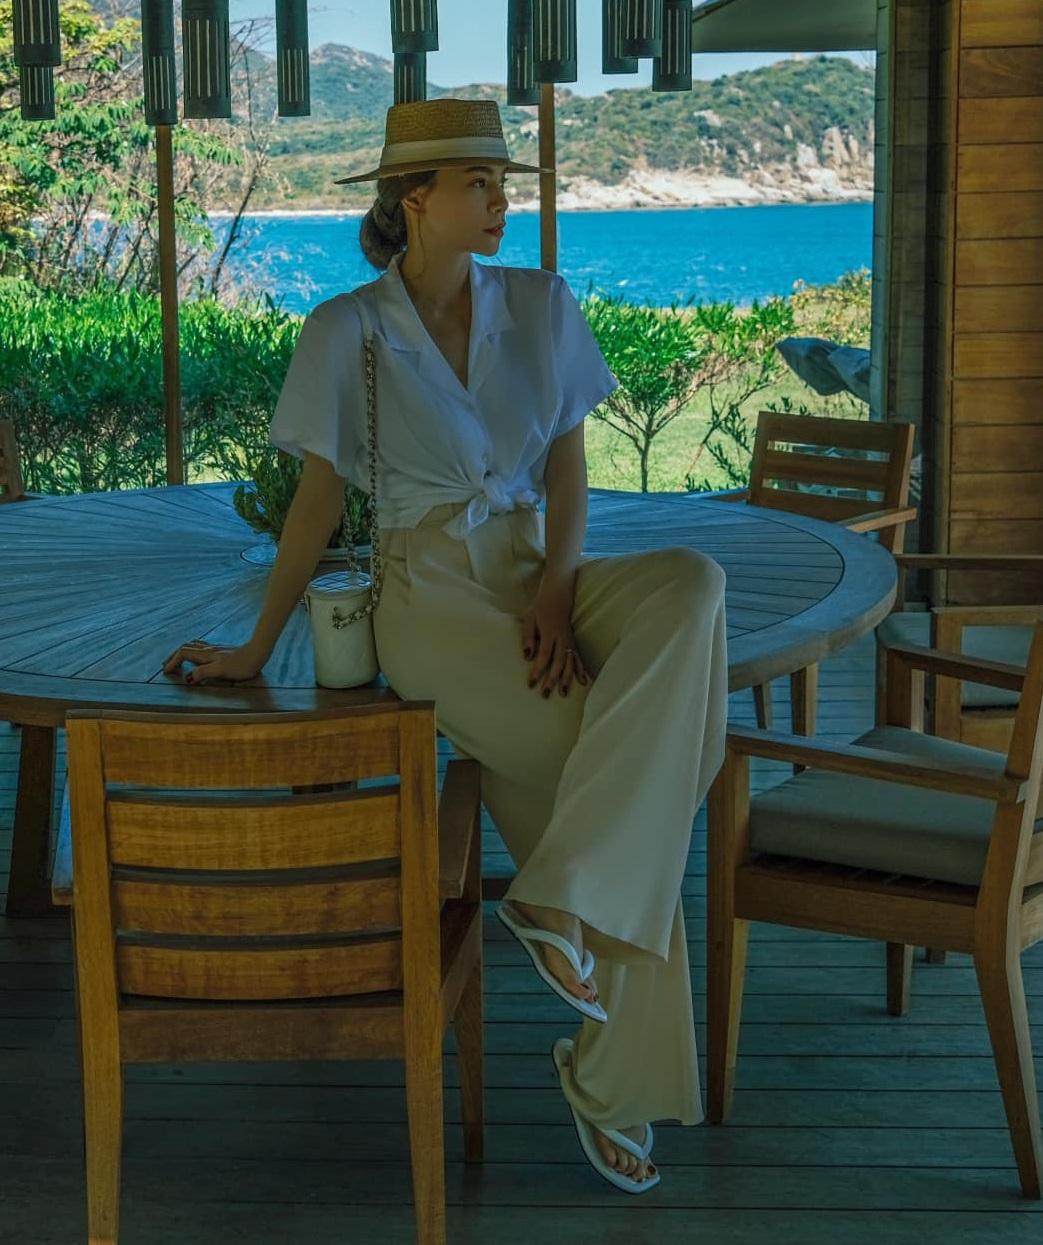 List váy áo Zara sao Việt vừa diện: Toàn món mát mẻ xinh xẻo chị em sắm đi du lịch thì hết nút - ảnh 10